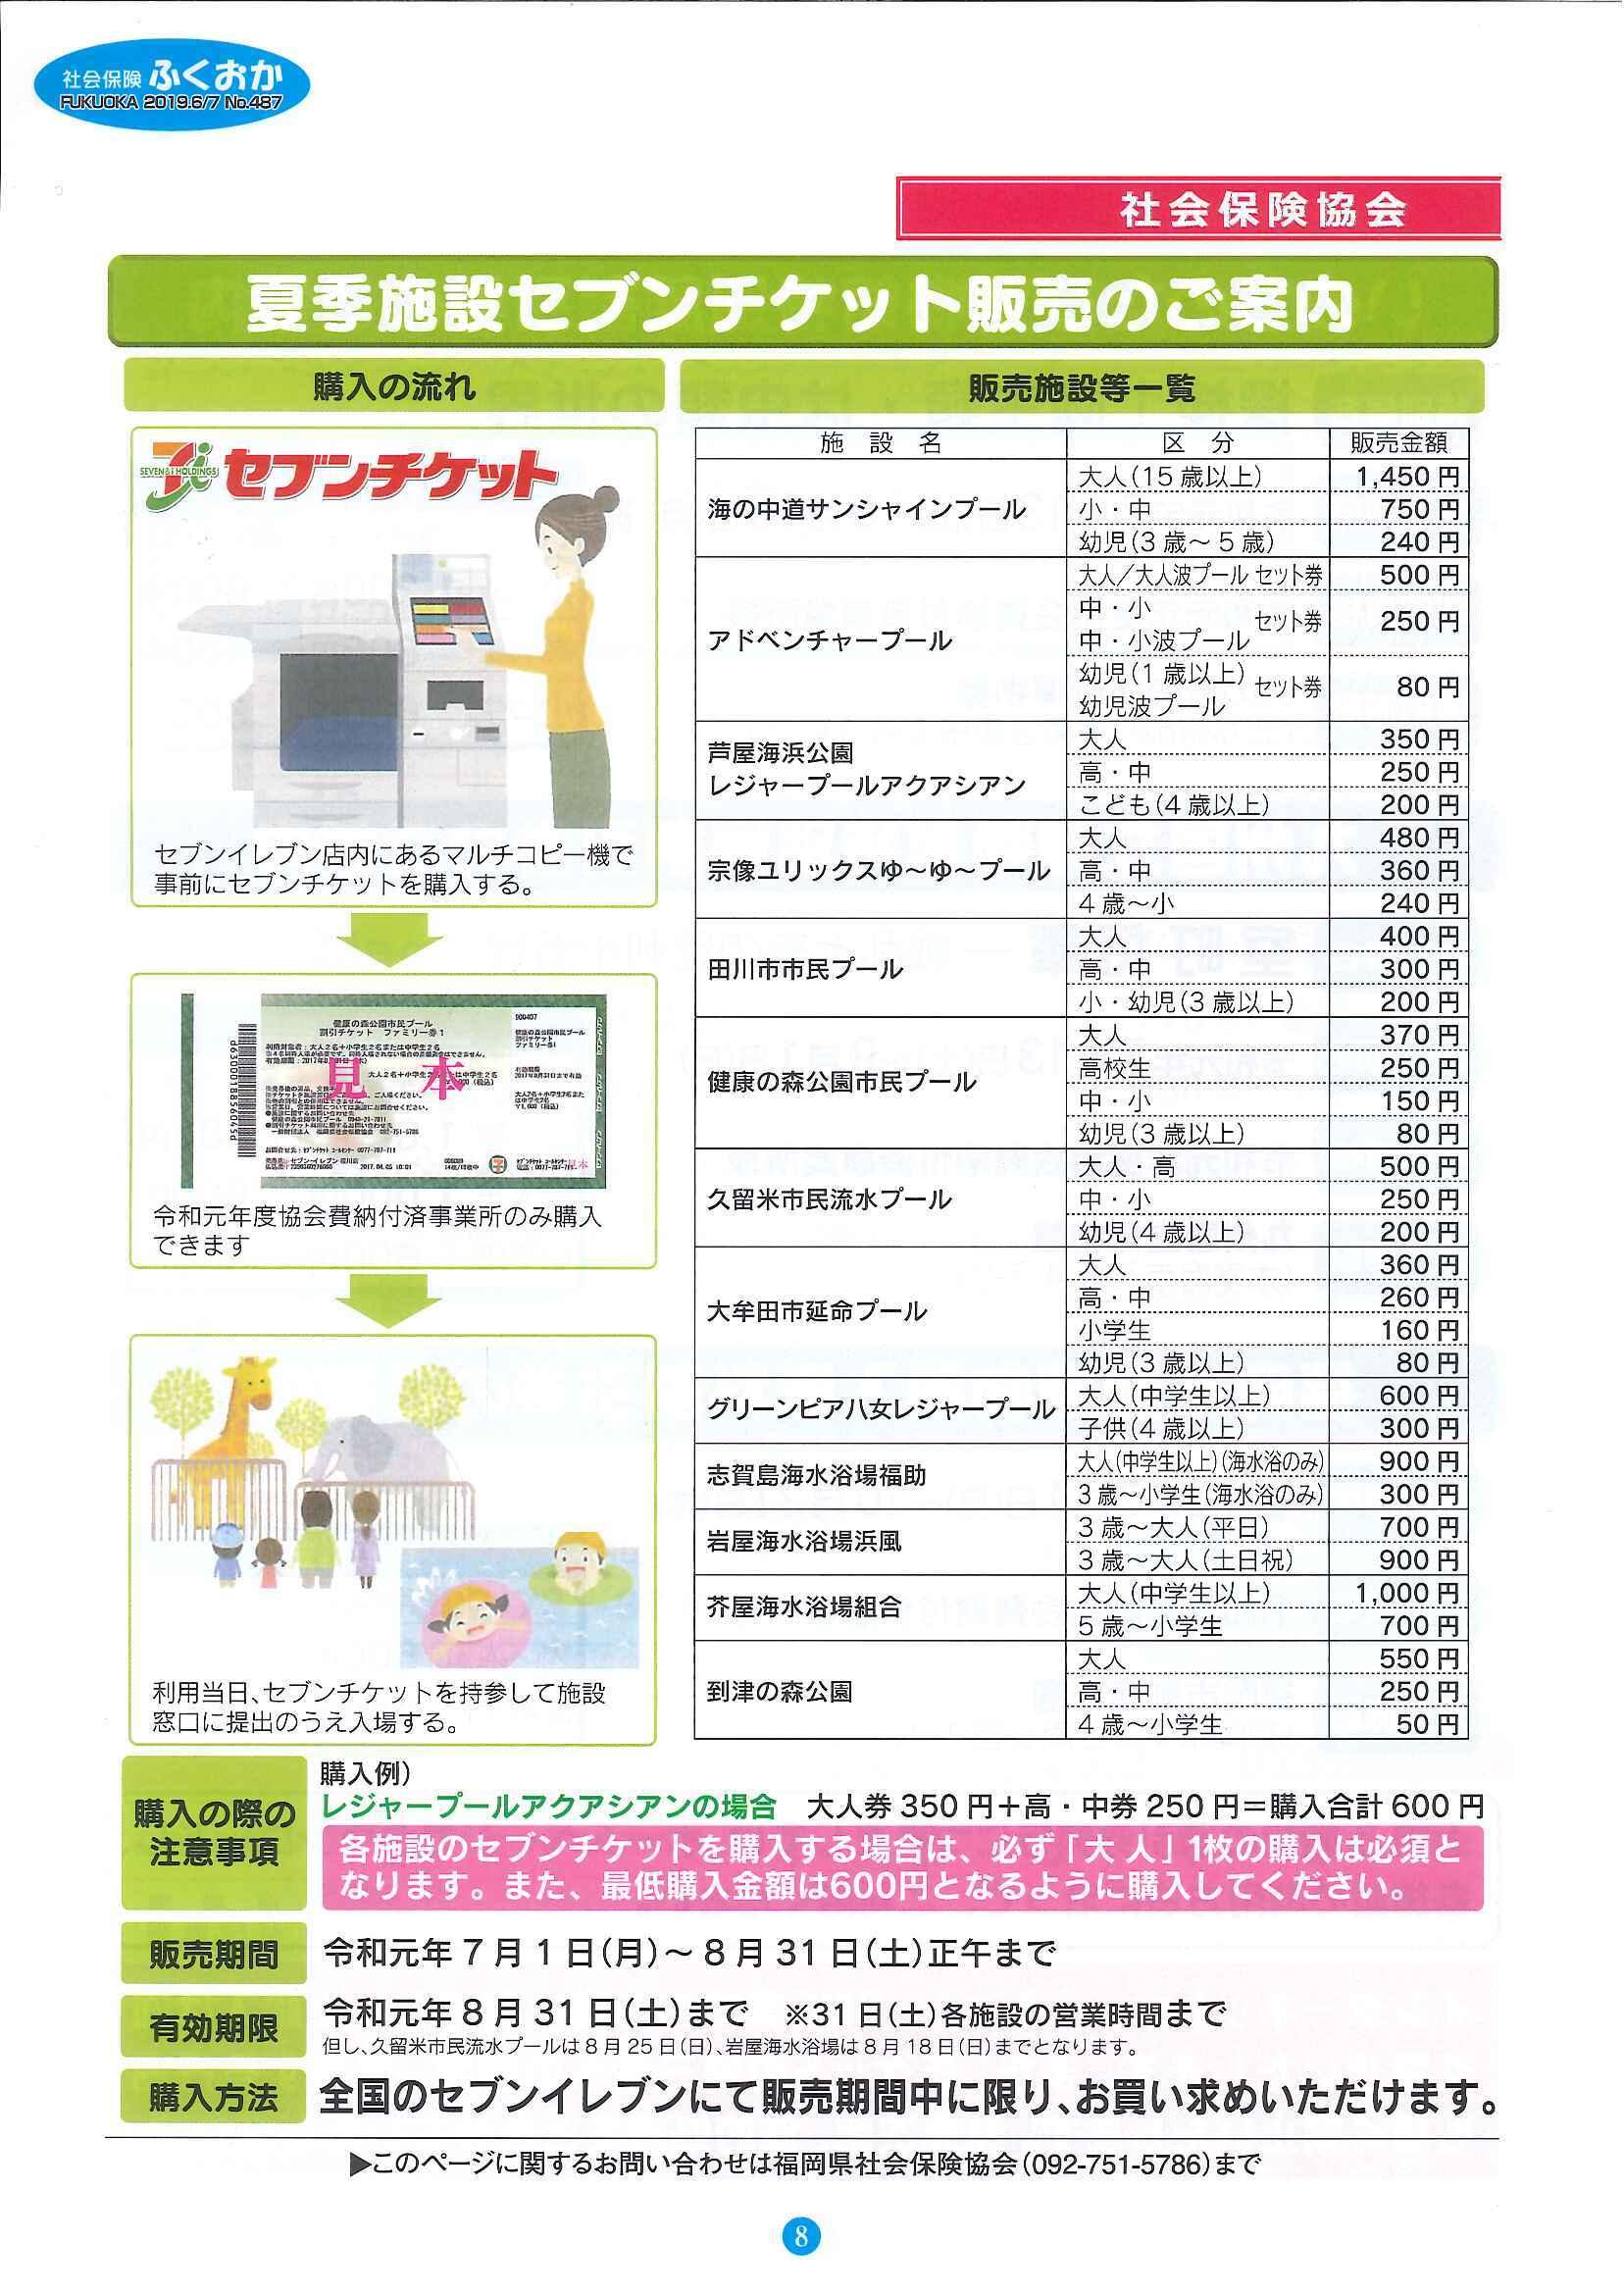 社会保険「ふくおか」2019年6・7月号_f0120774_11203286.jpg